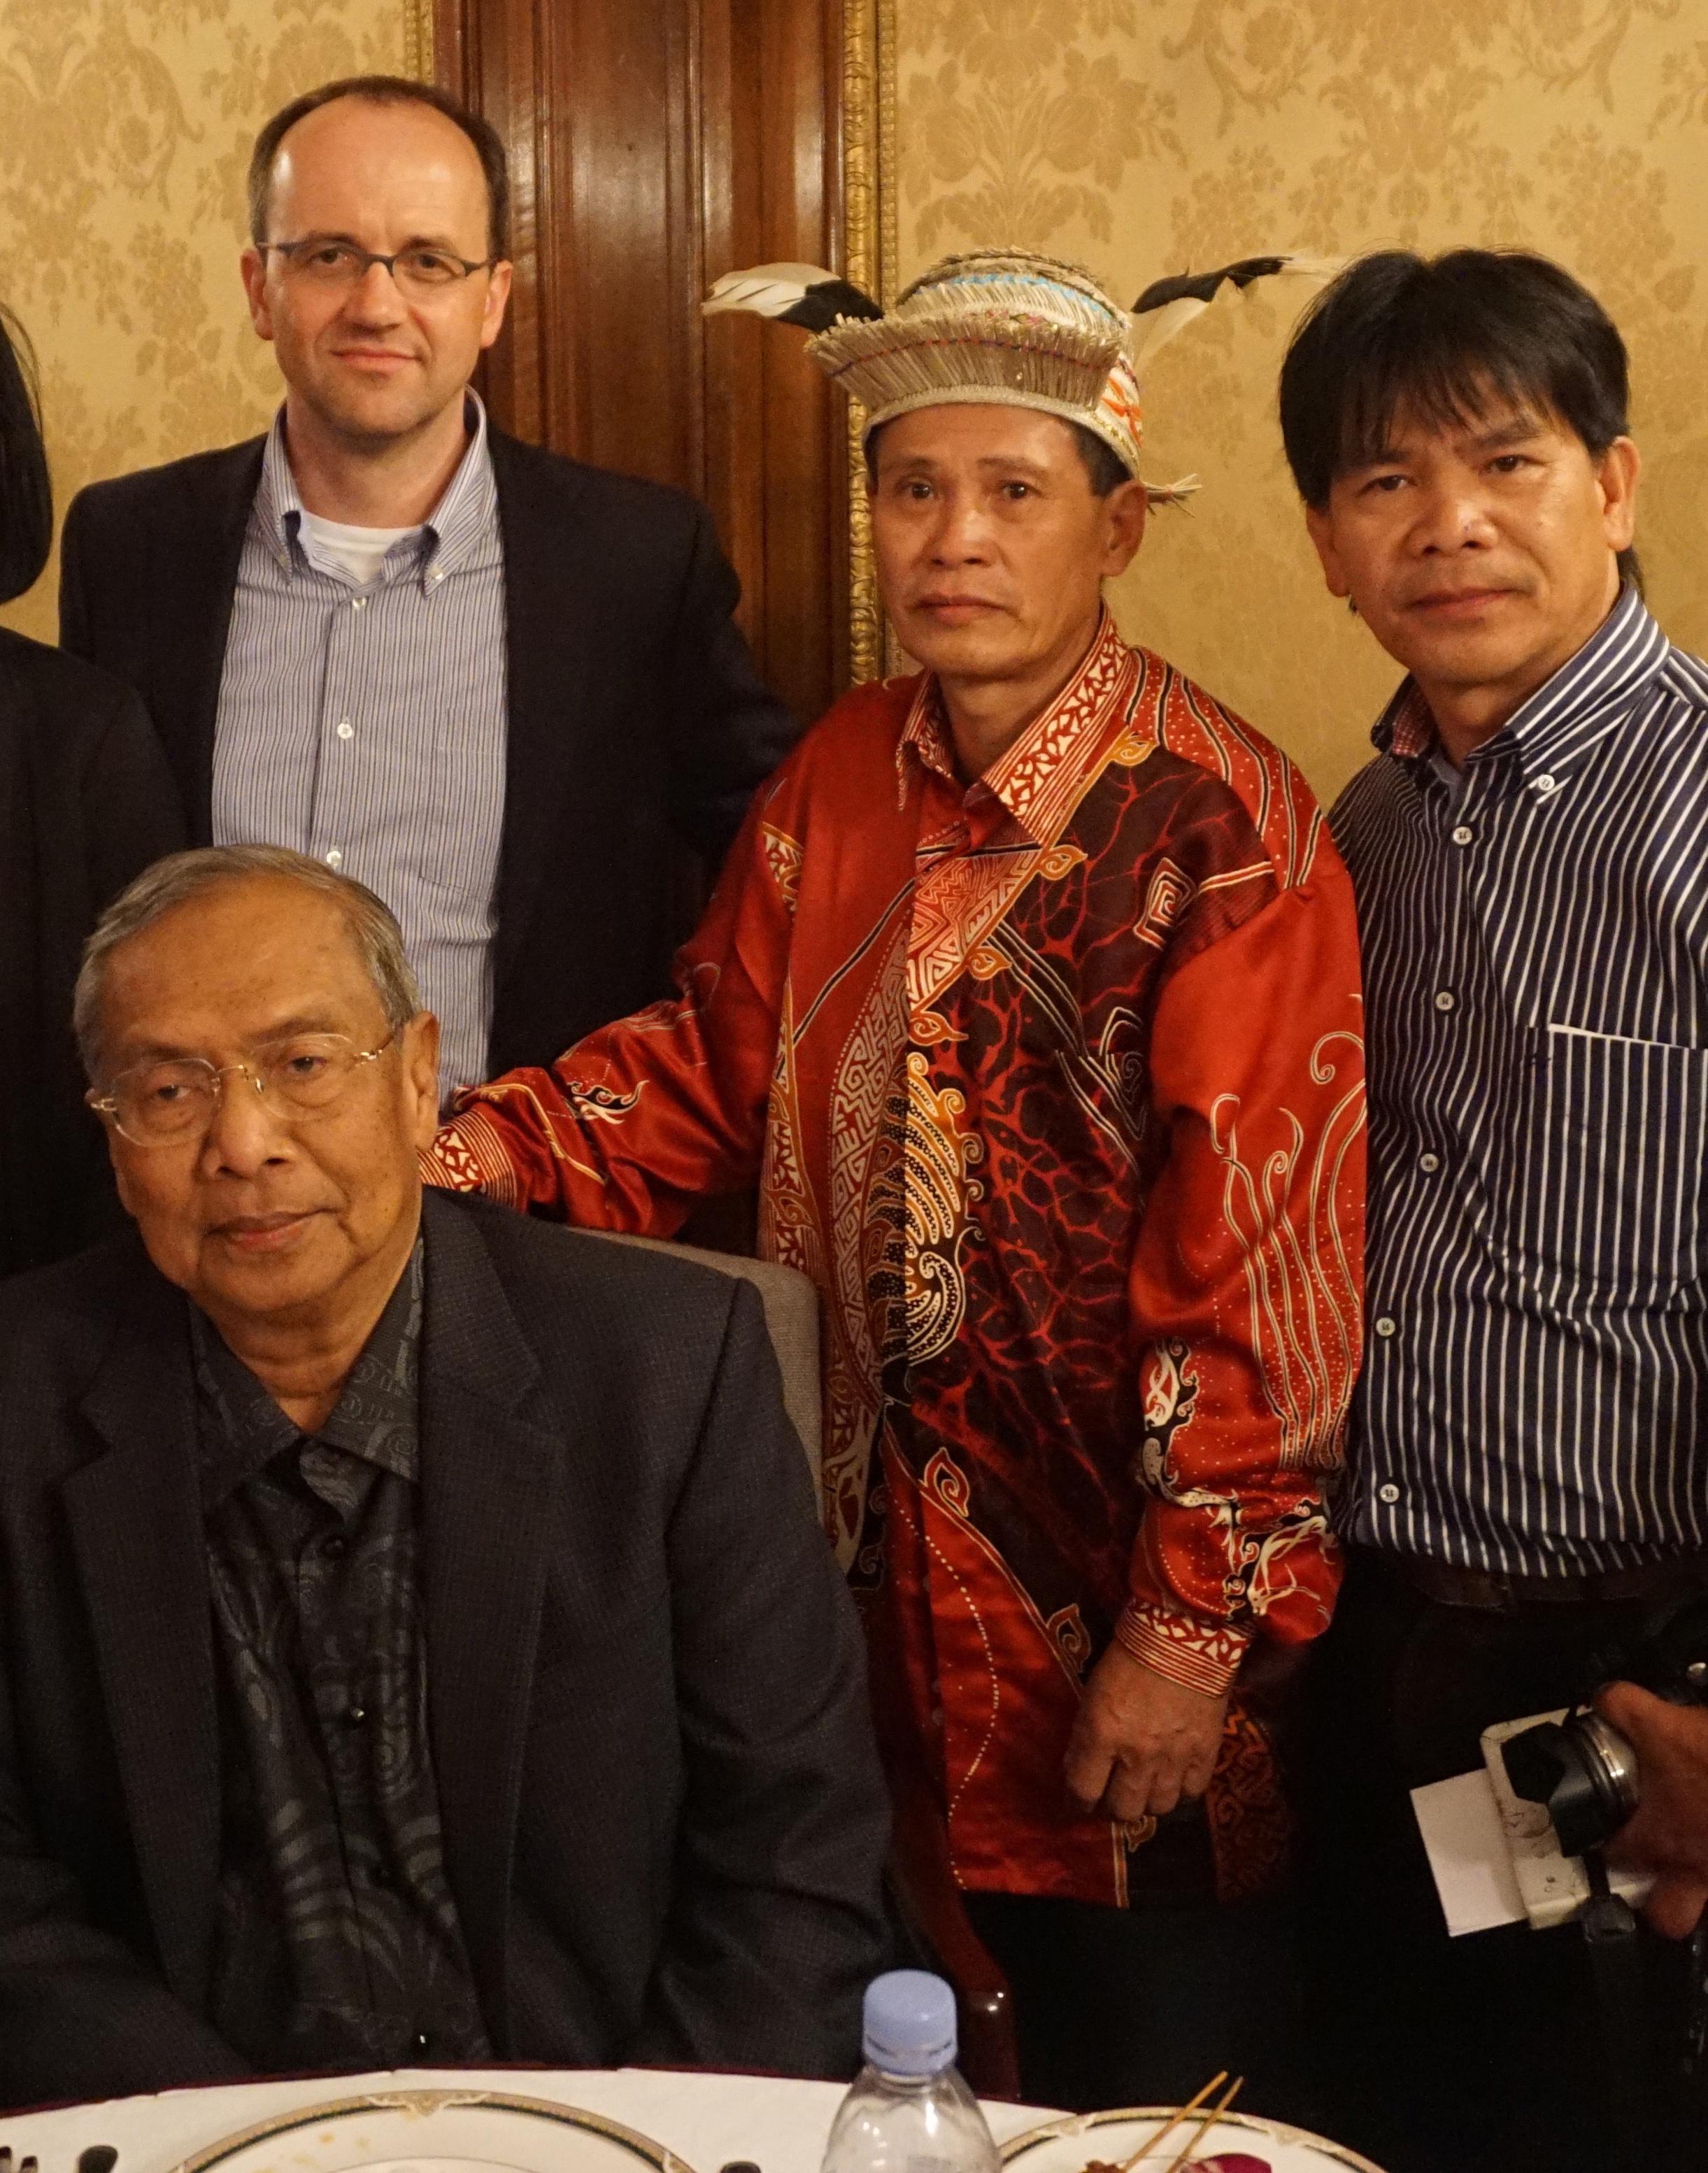 Ohne Einladung empfangen: Lukas Straumann, Geschäftsleiter BMF, Penan-Vertreter Bilong Oyoi und Indigenenvertreter Mutang Urud mit Adenan Satem (sitzend), Chefminister des Malaysischen Bundesstaates Sarawak.